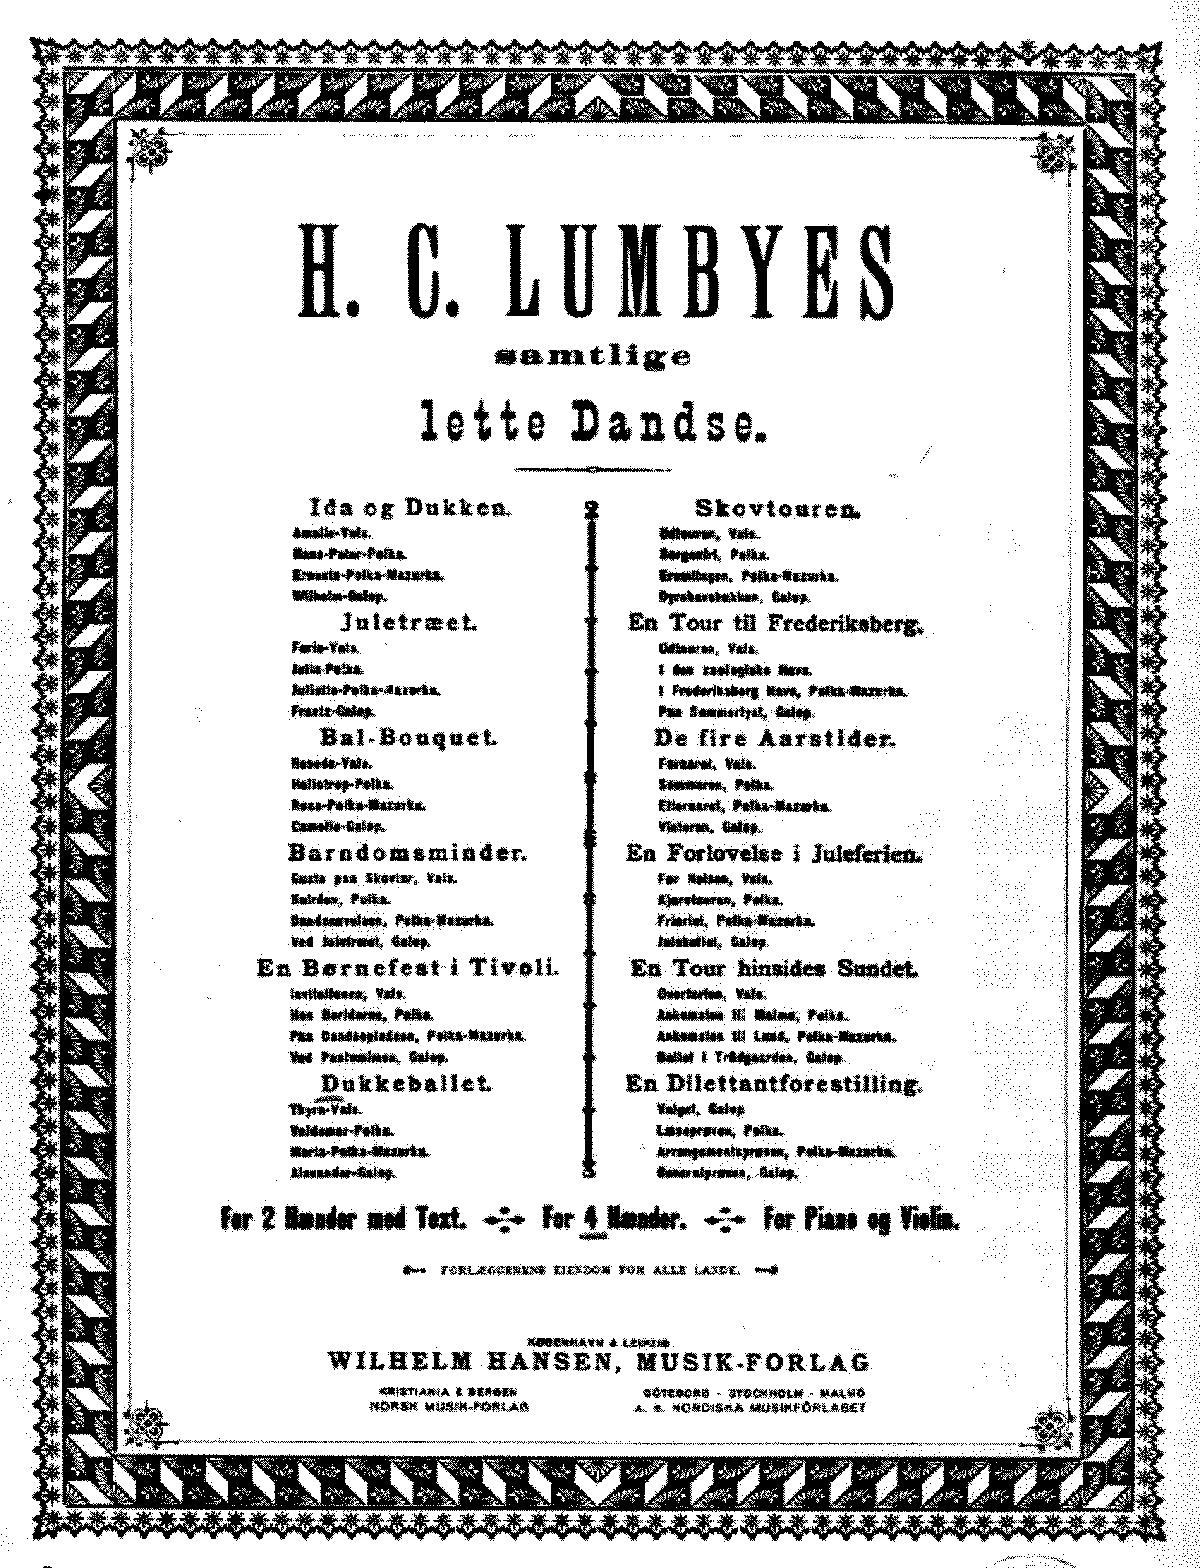 Lette Dandse, No 6 'Dukkeballet' (Lumbye, Hans Christian) - IMSLP